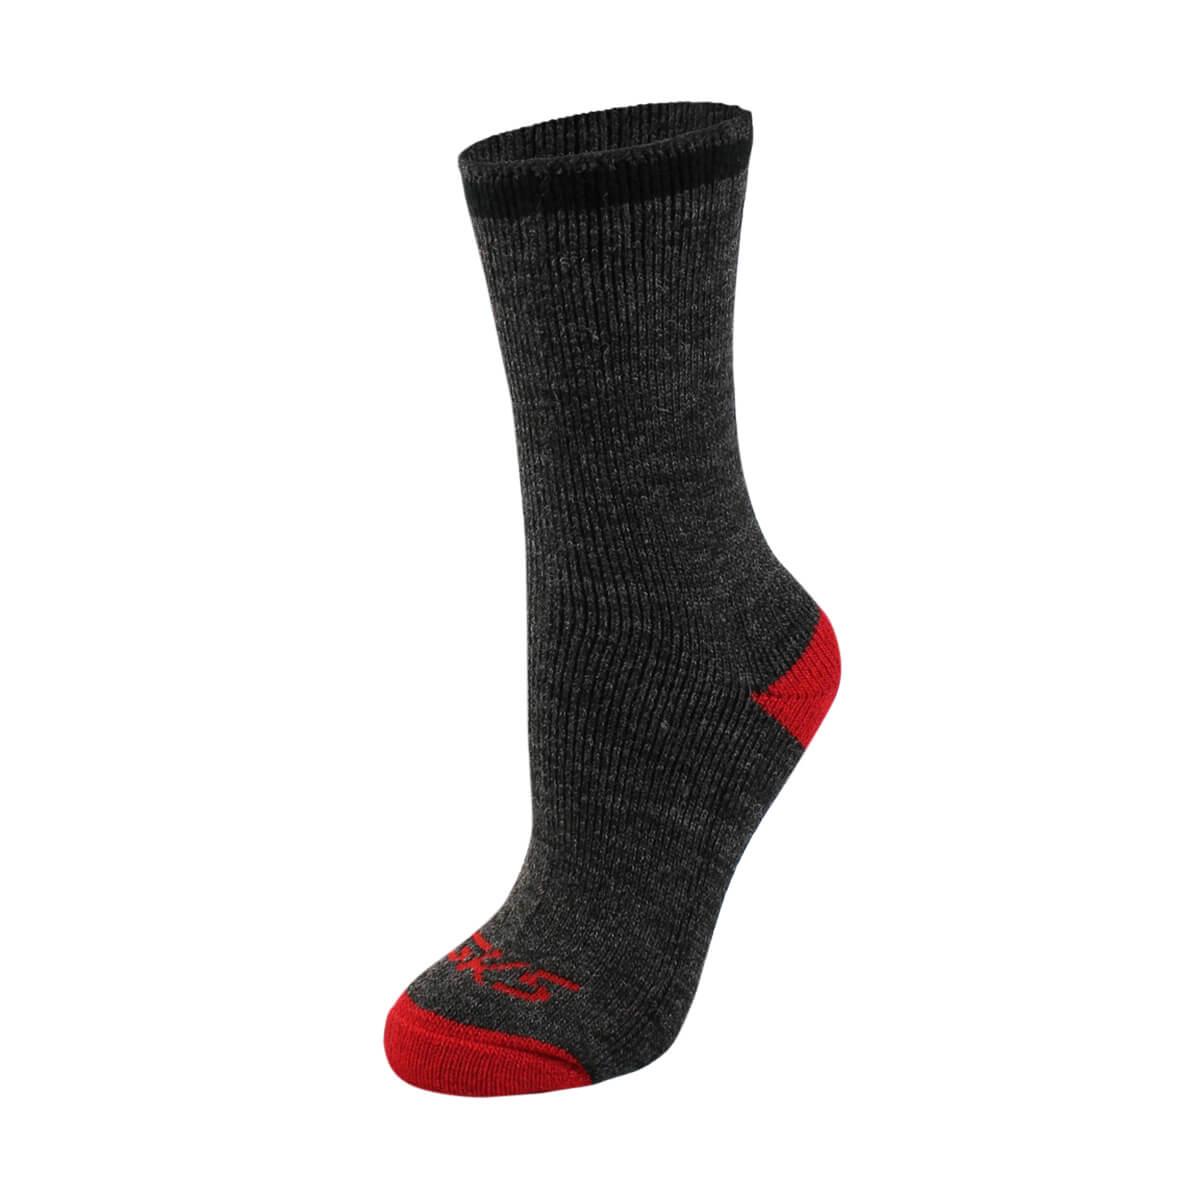 Thermal Merino Wool Socks